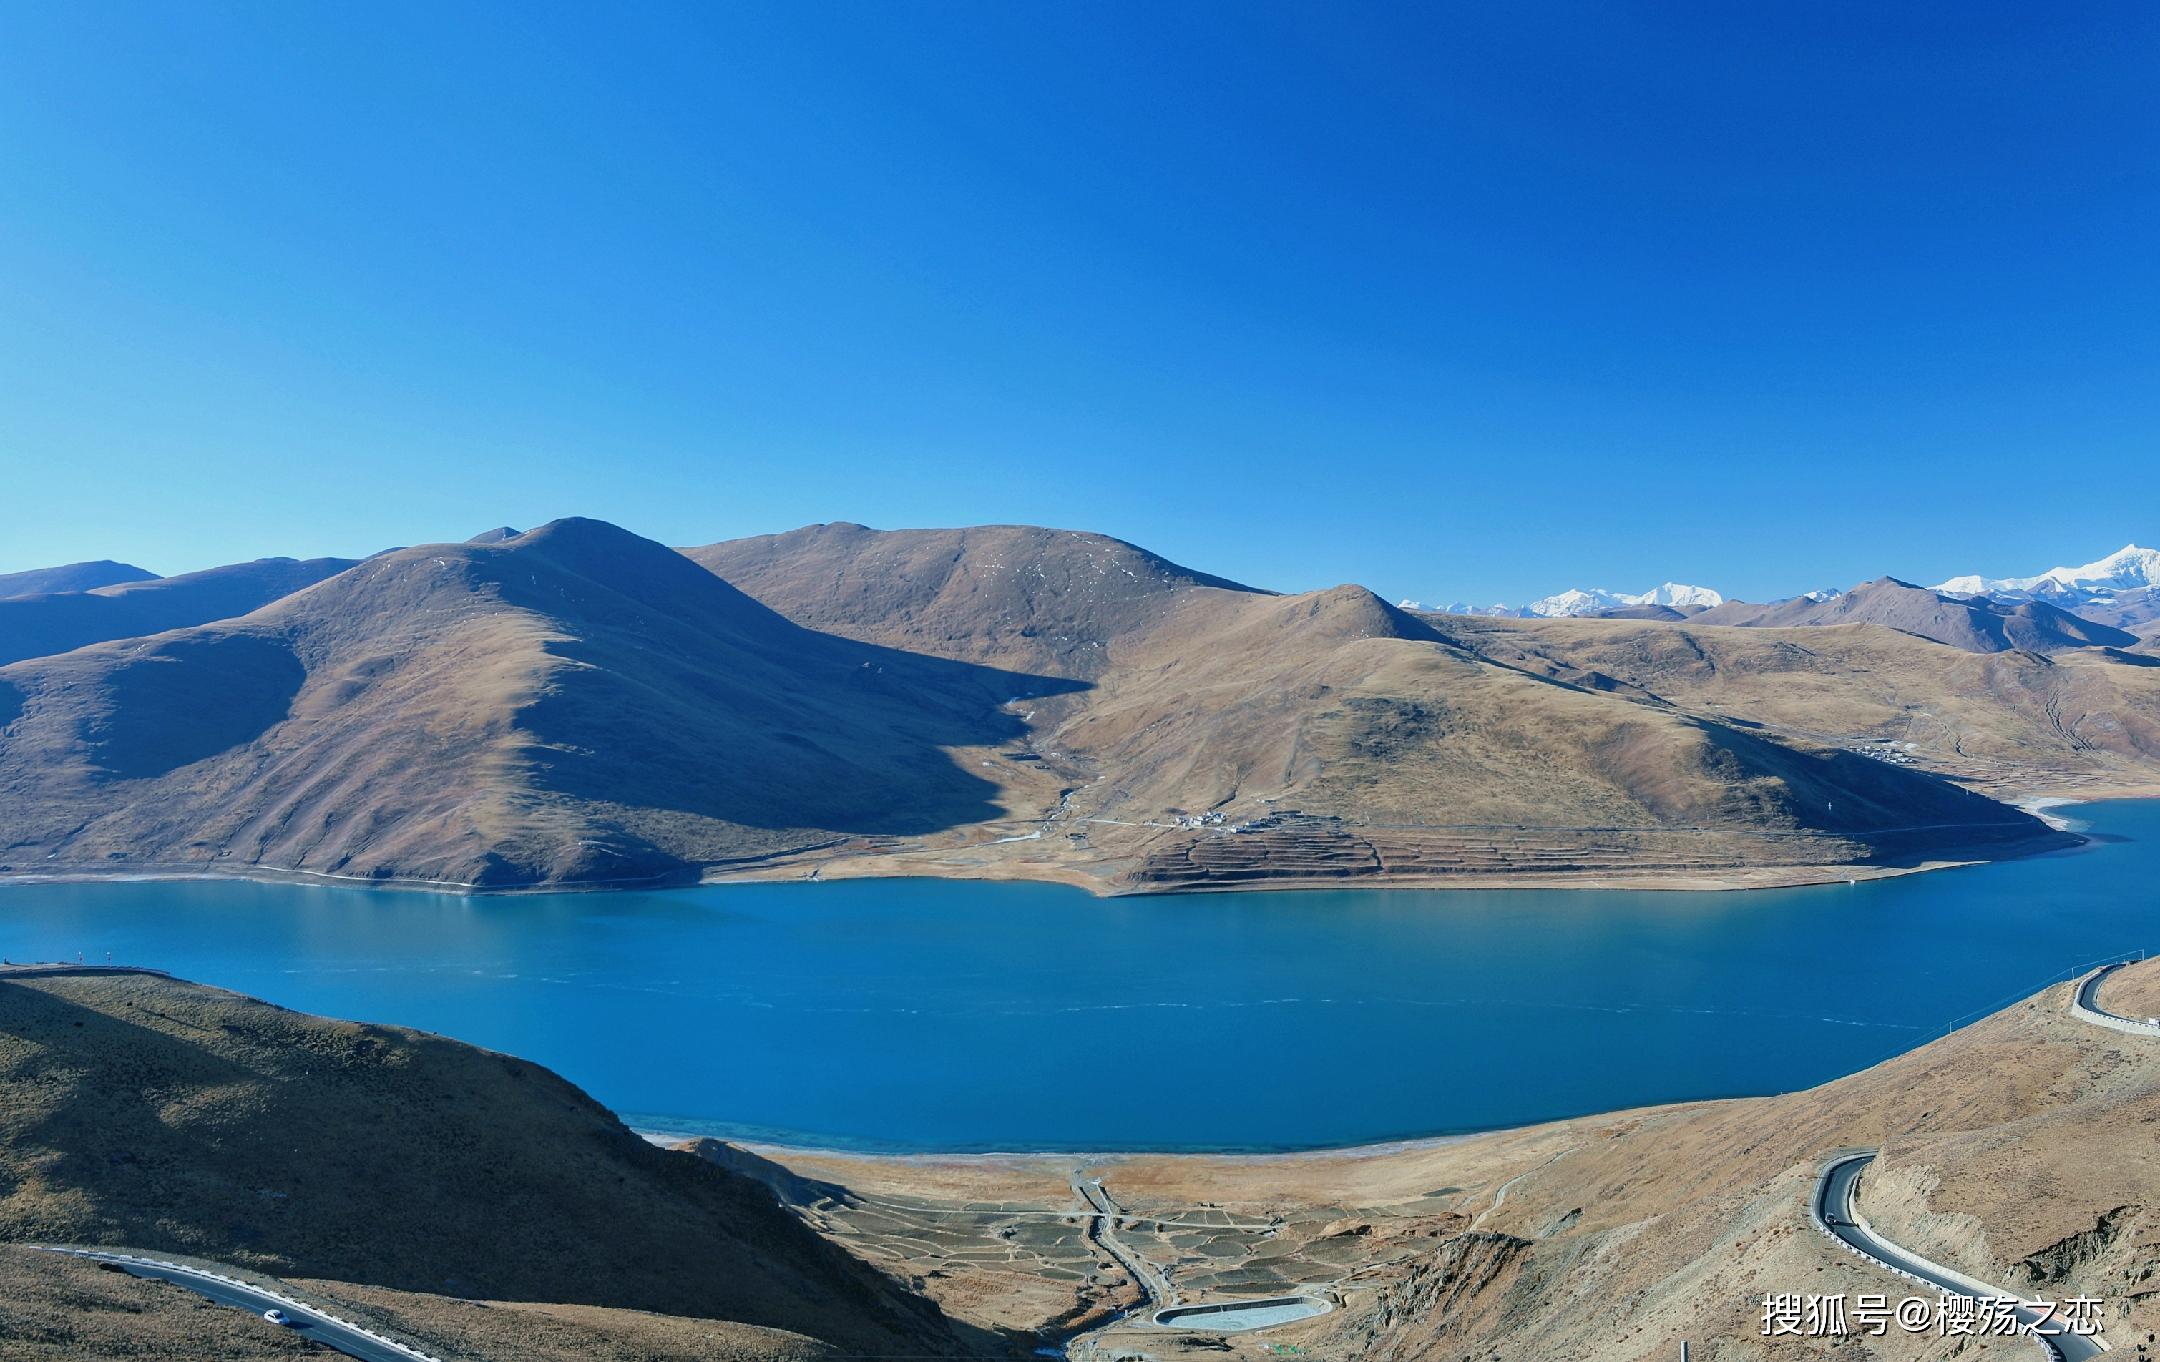 原创             中国唯一零感染的省区,风景如诗如画,被很多人视为圣地